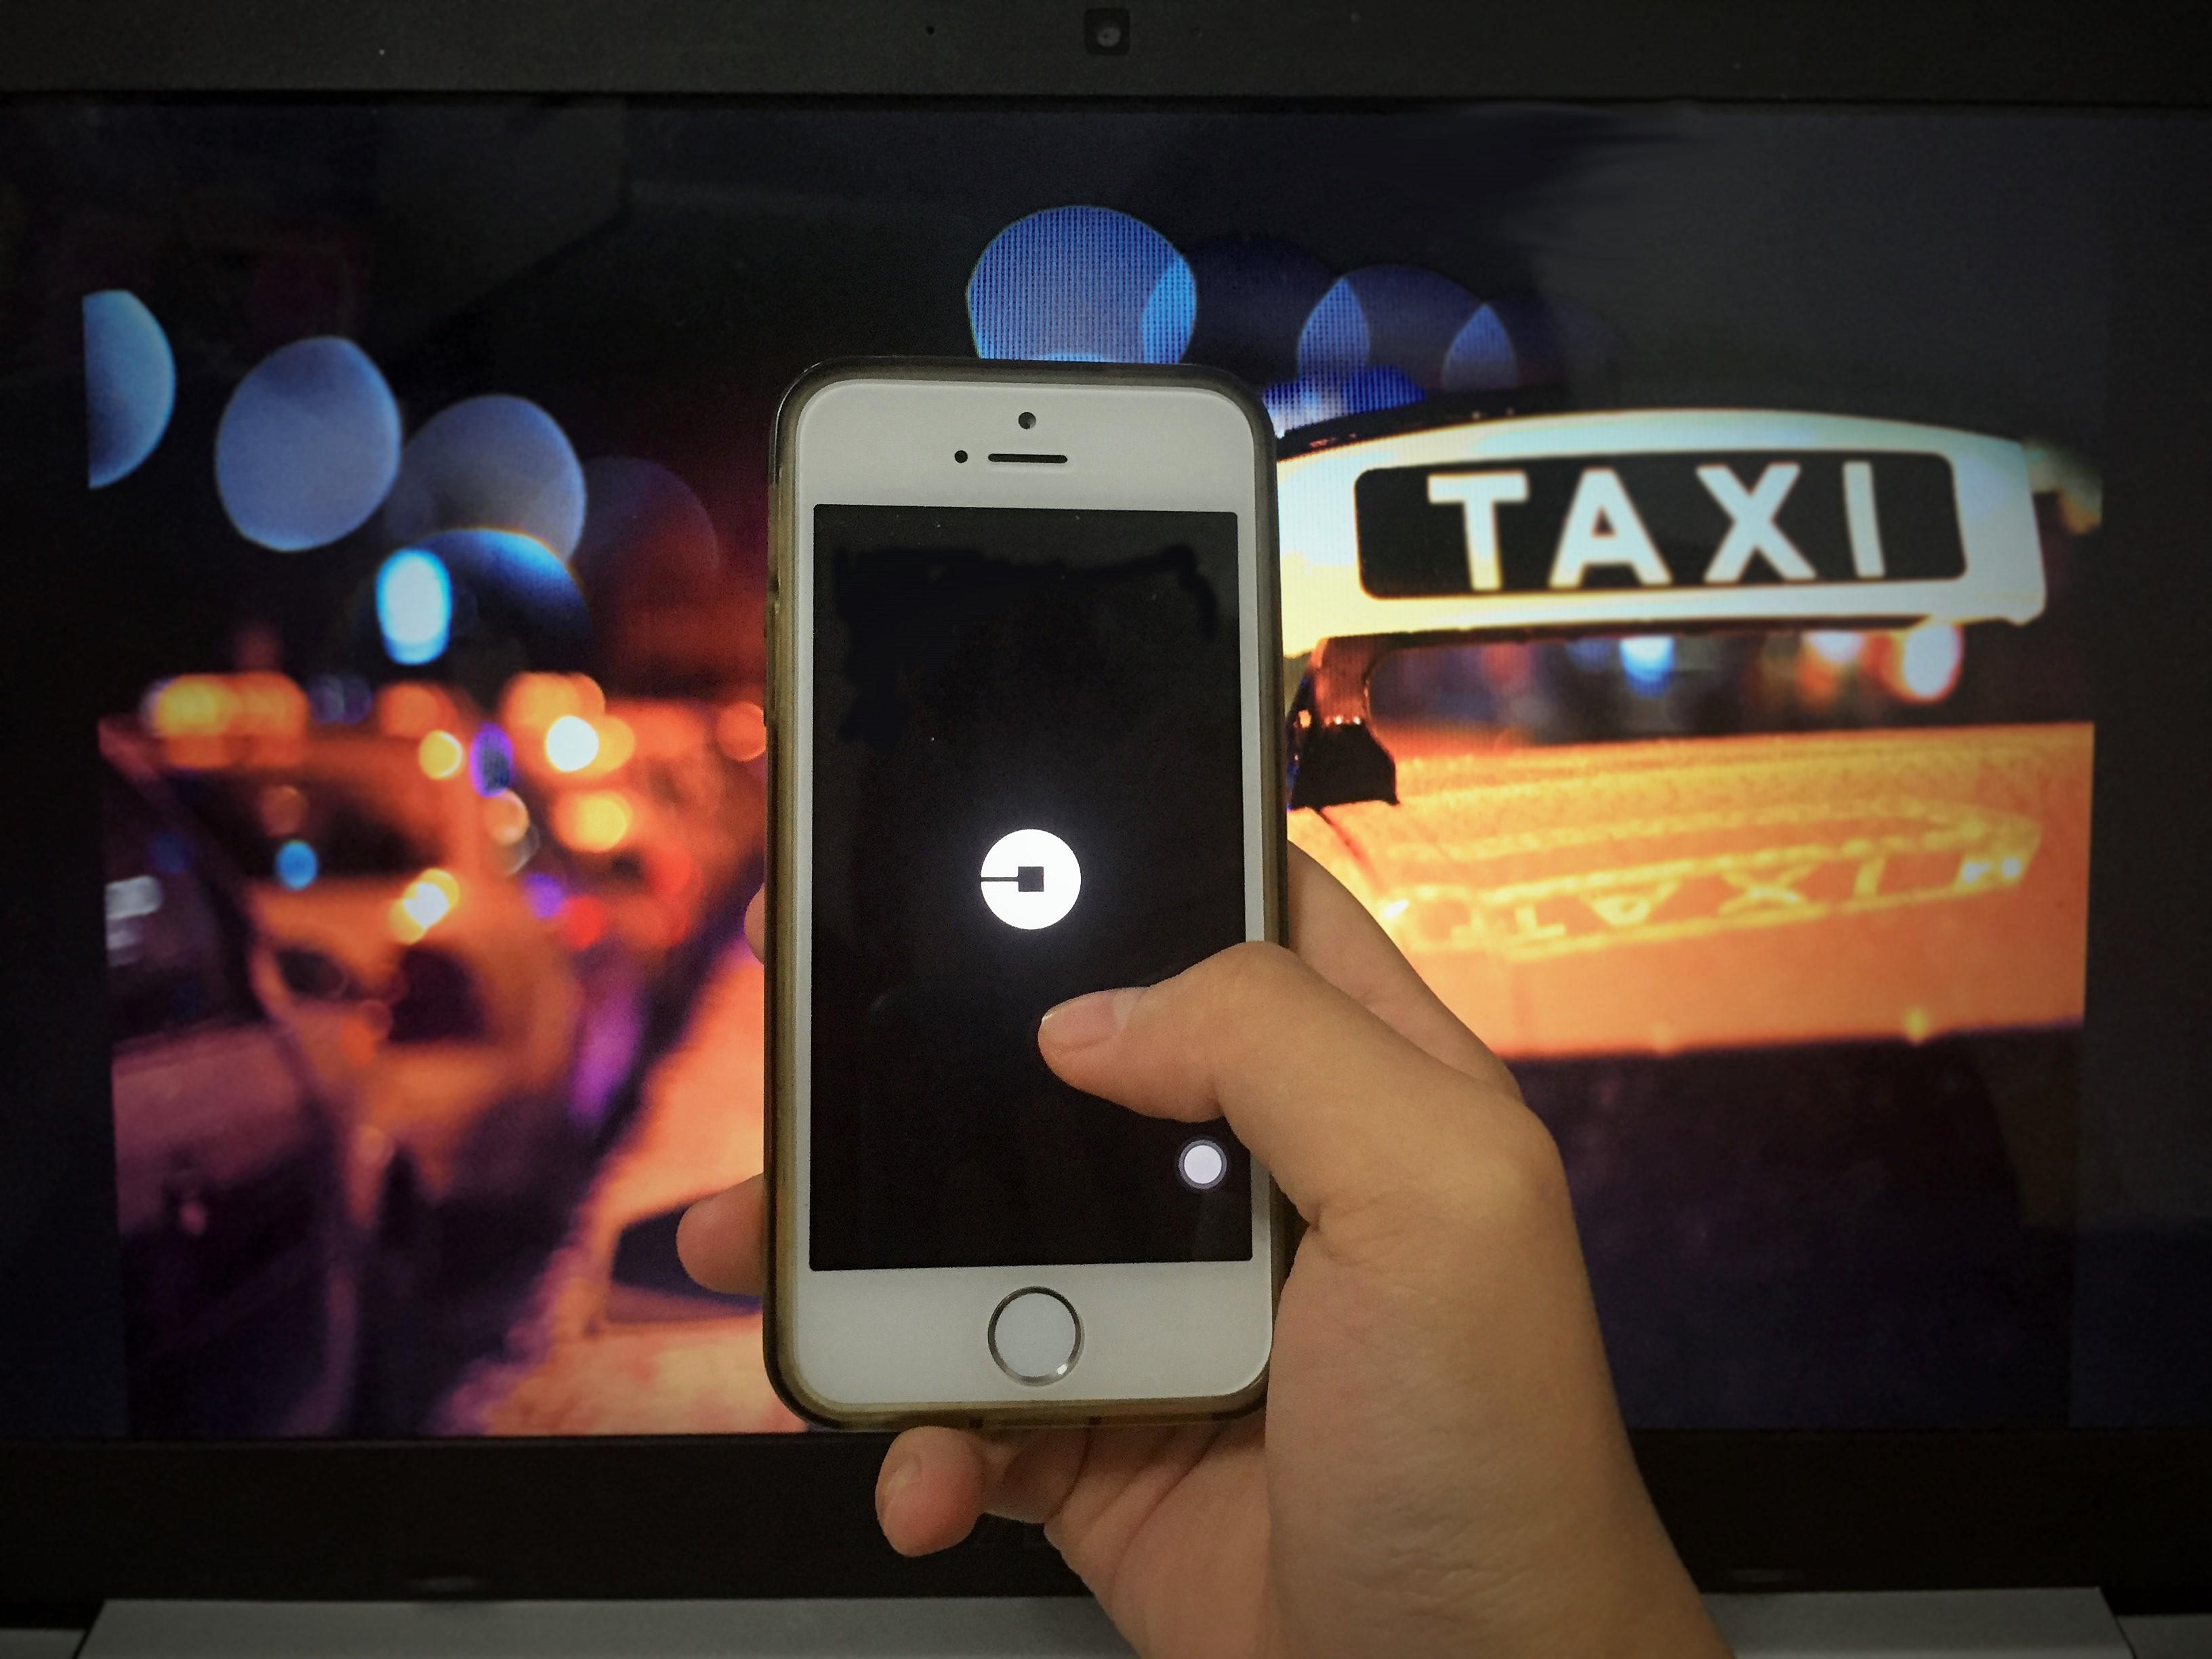 以不完全契約論Uber與計程車之間關係(攝影/布子如)